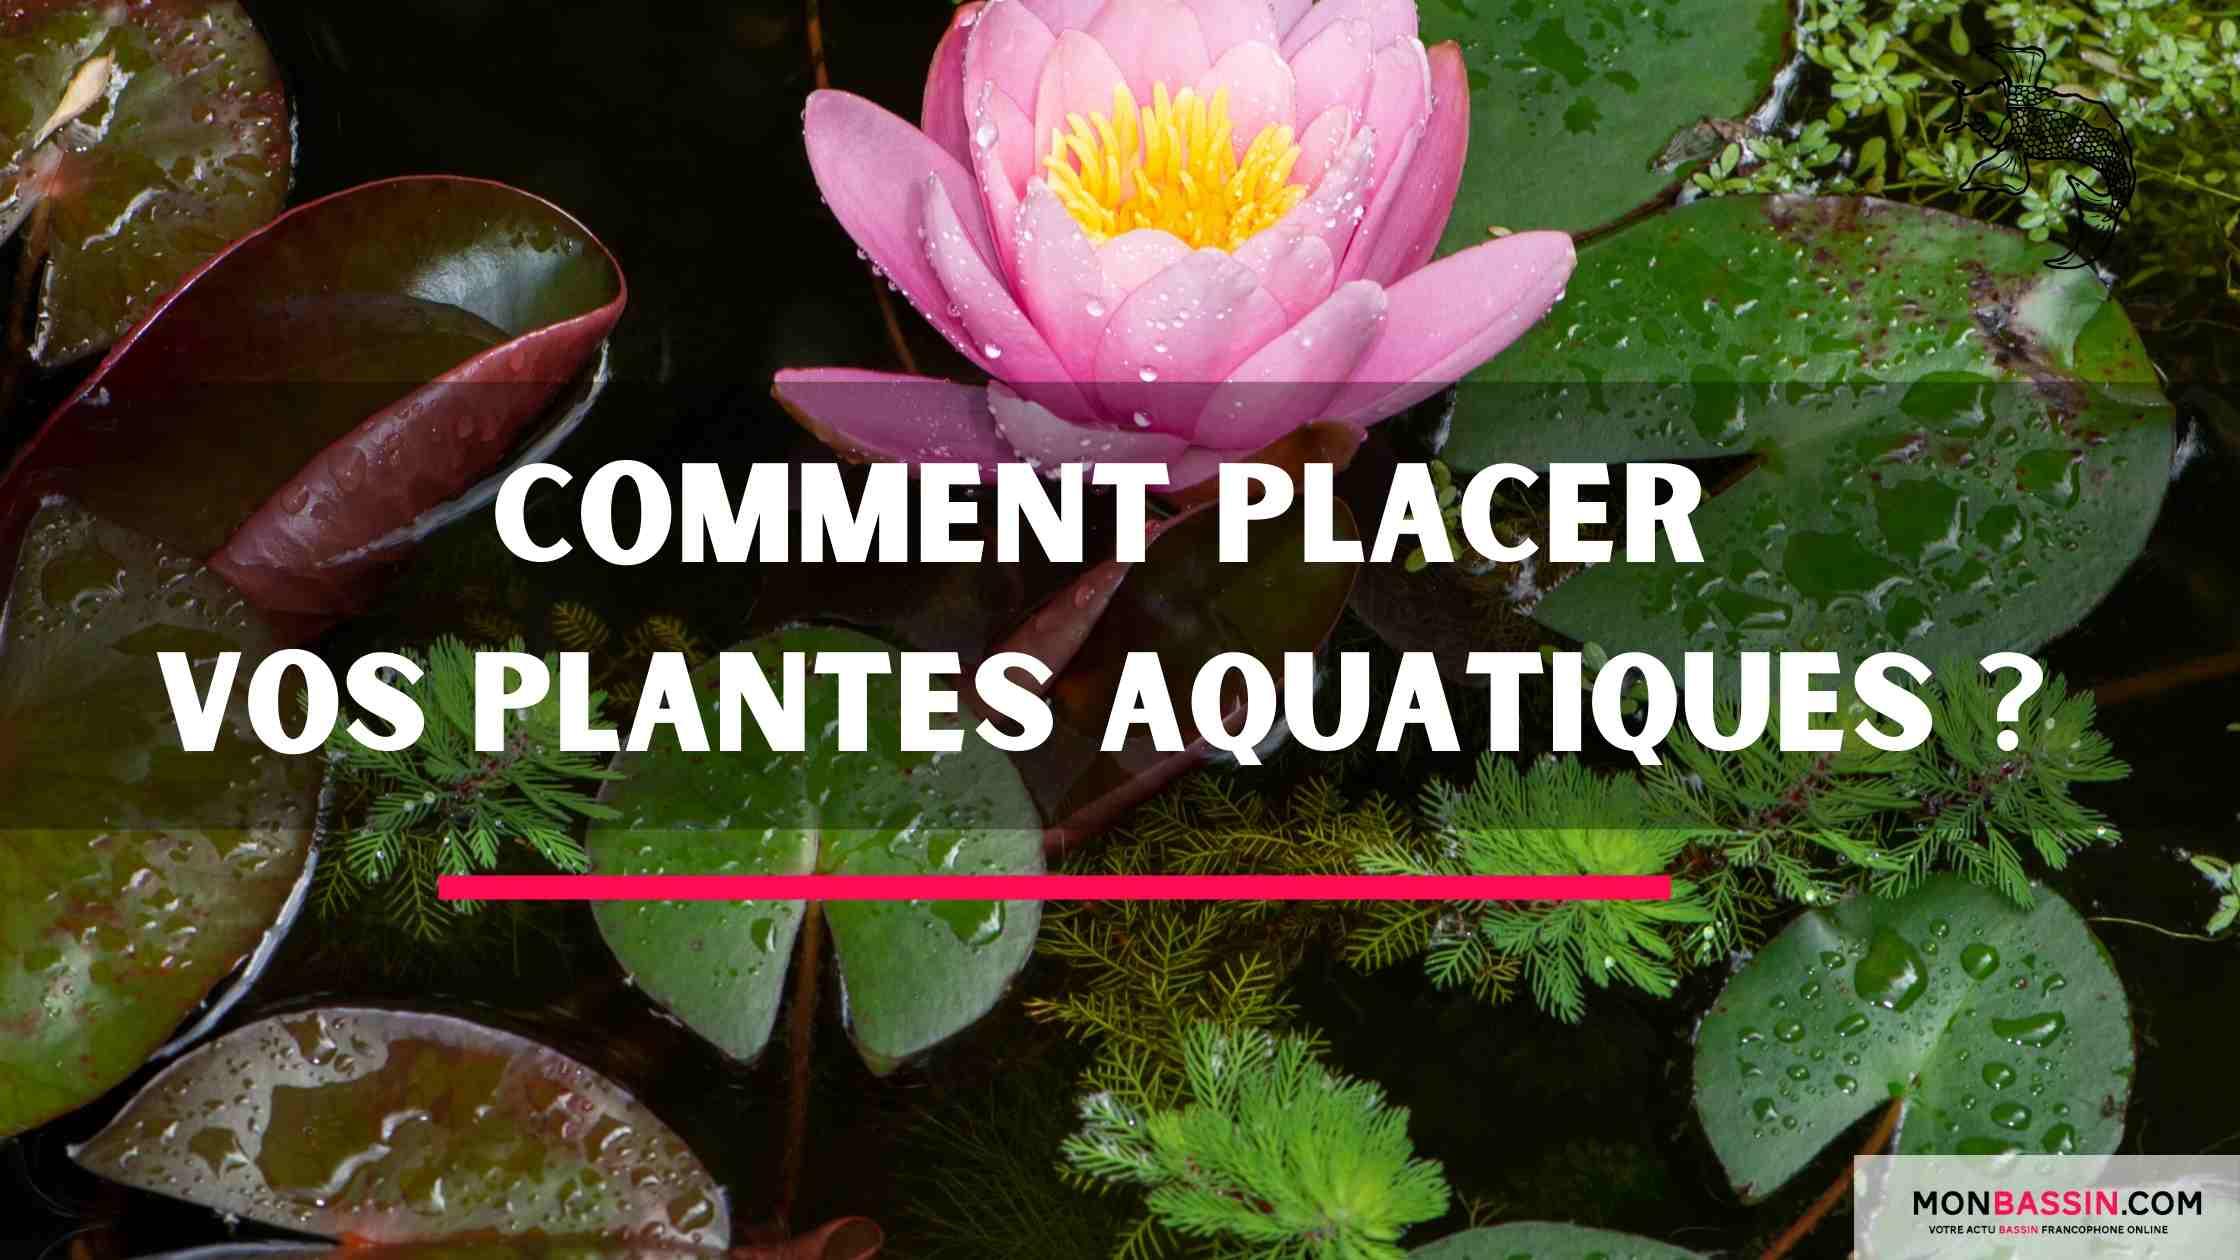 Comment placer vos plantes aquatiques?